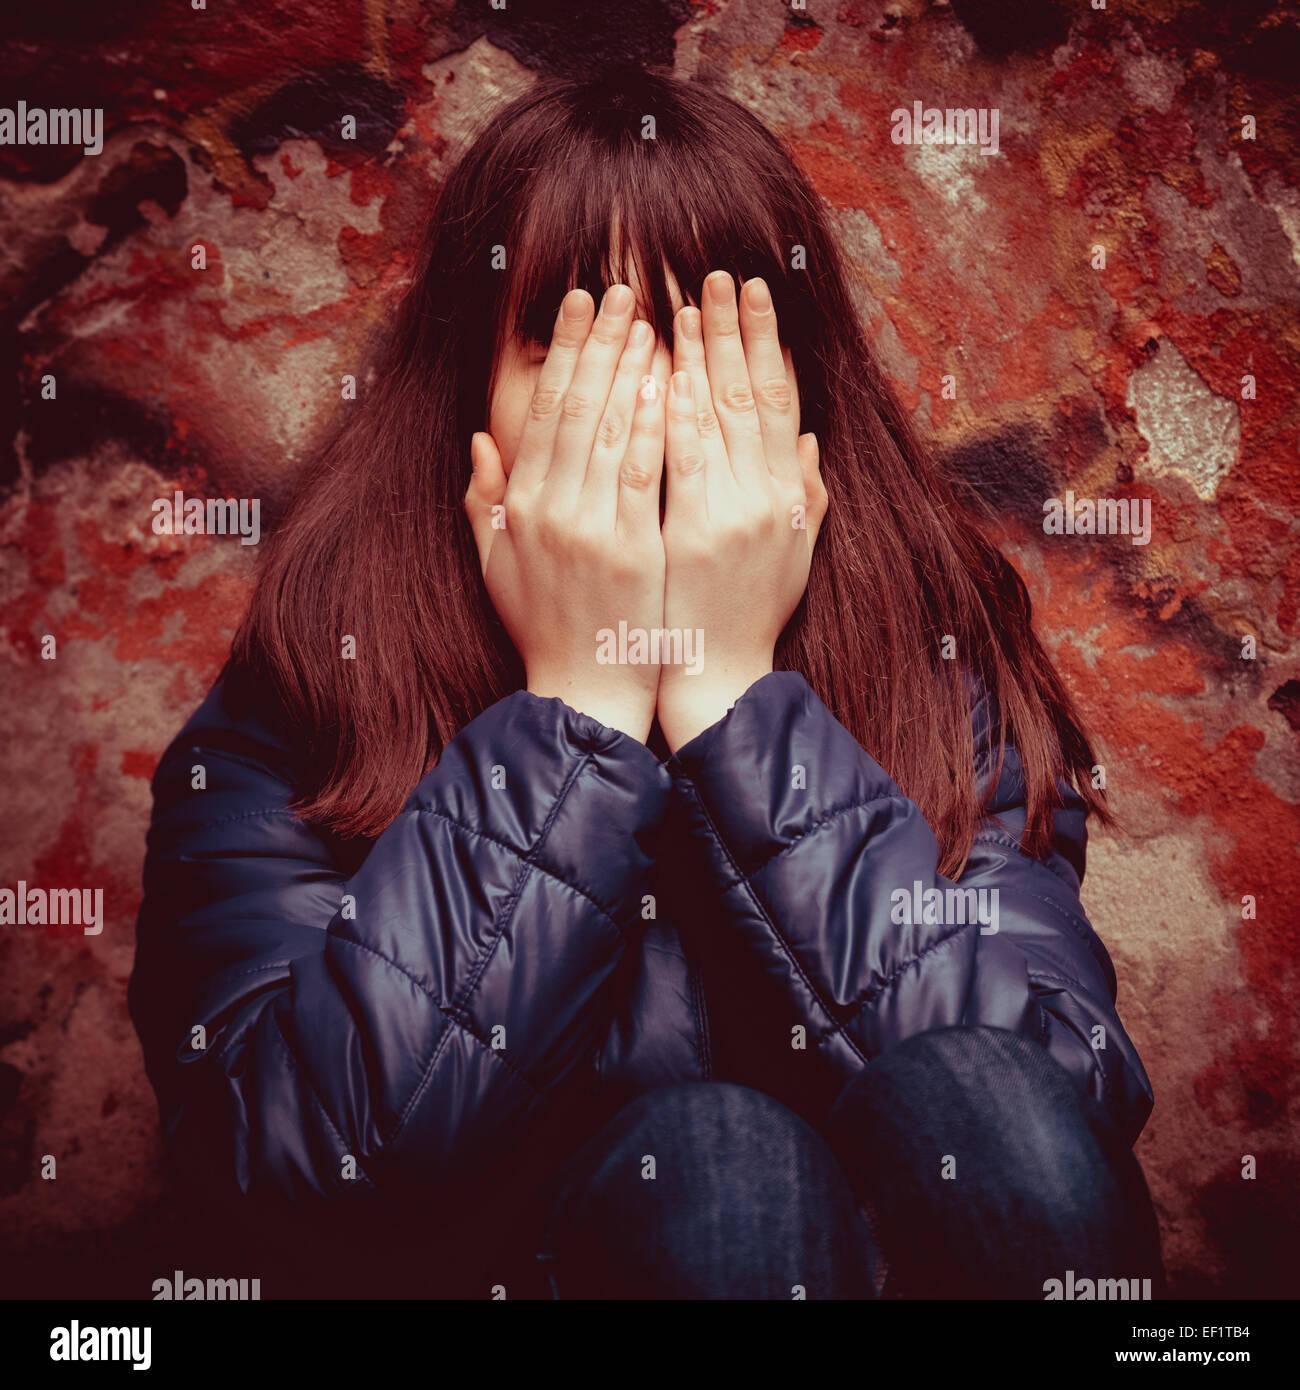 Joven con las manos sobre los ojos cerca de la espectacular pared roja afuera Imagen De Stock